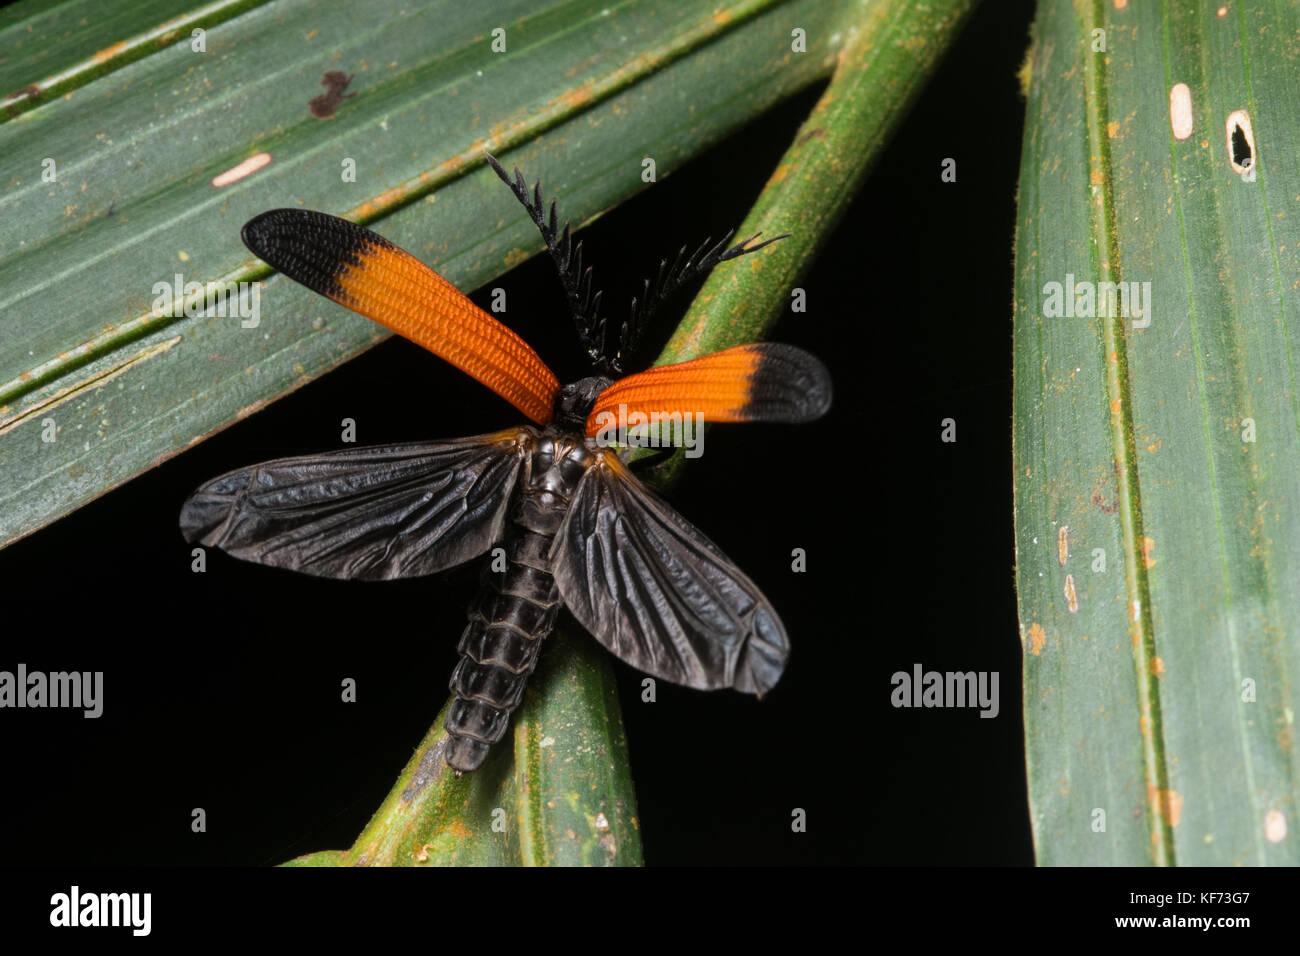 Ein Netz geflügelte Käfer genau in dem Moment fotografiert er seine Flügel geöffnet Flug zu Stockbild